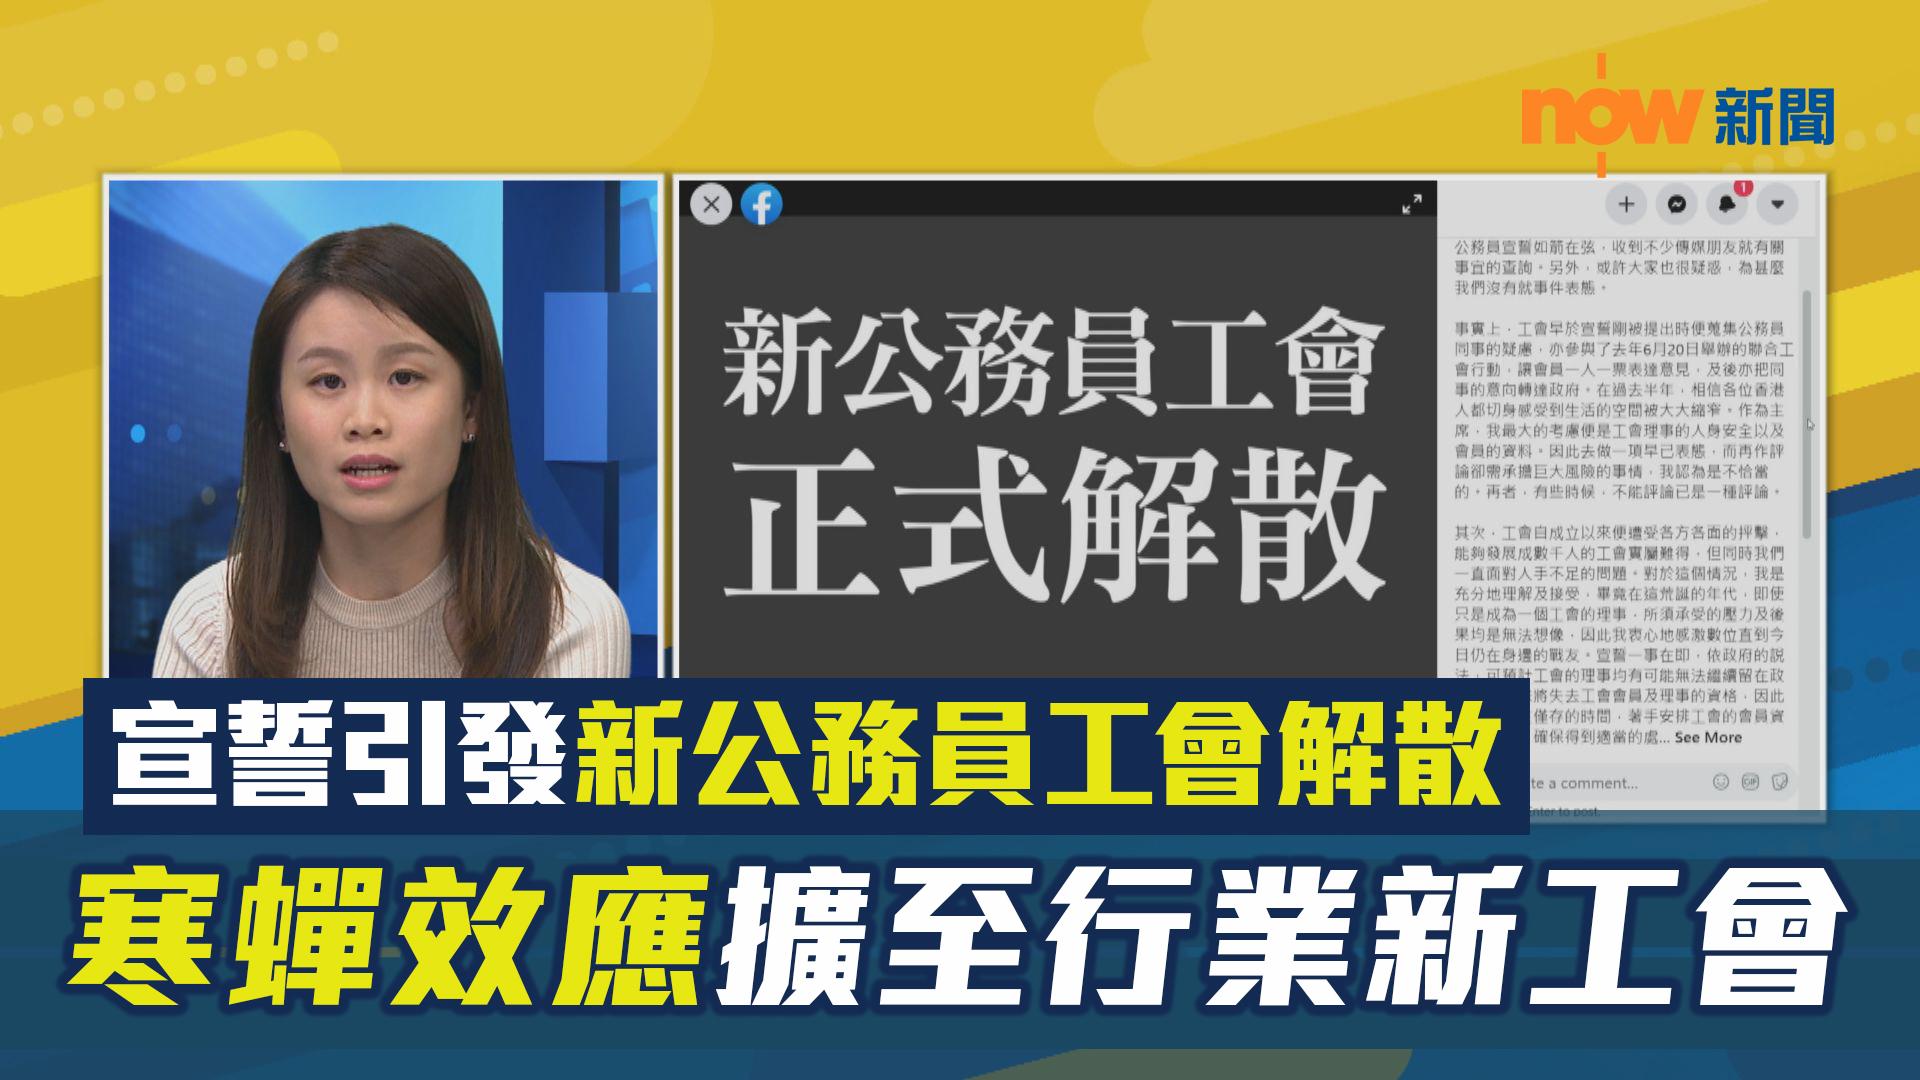 【政情】宣誓引發新公務員工會解散 寒蟬效應擴至行業新工會